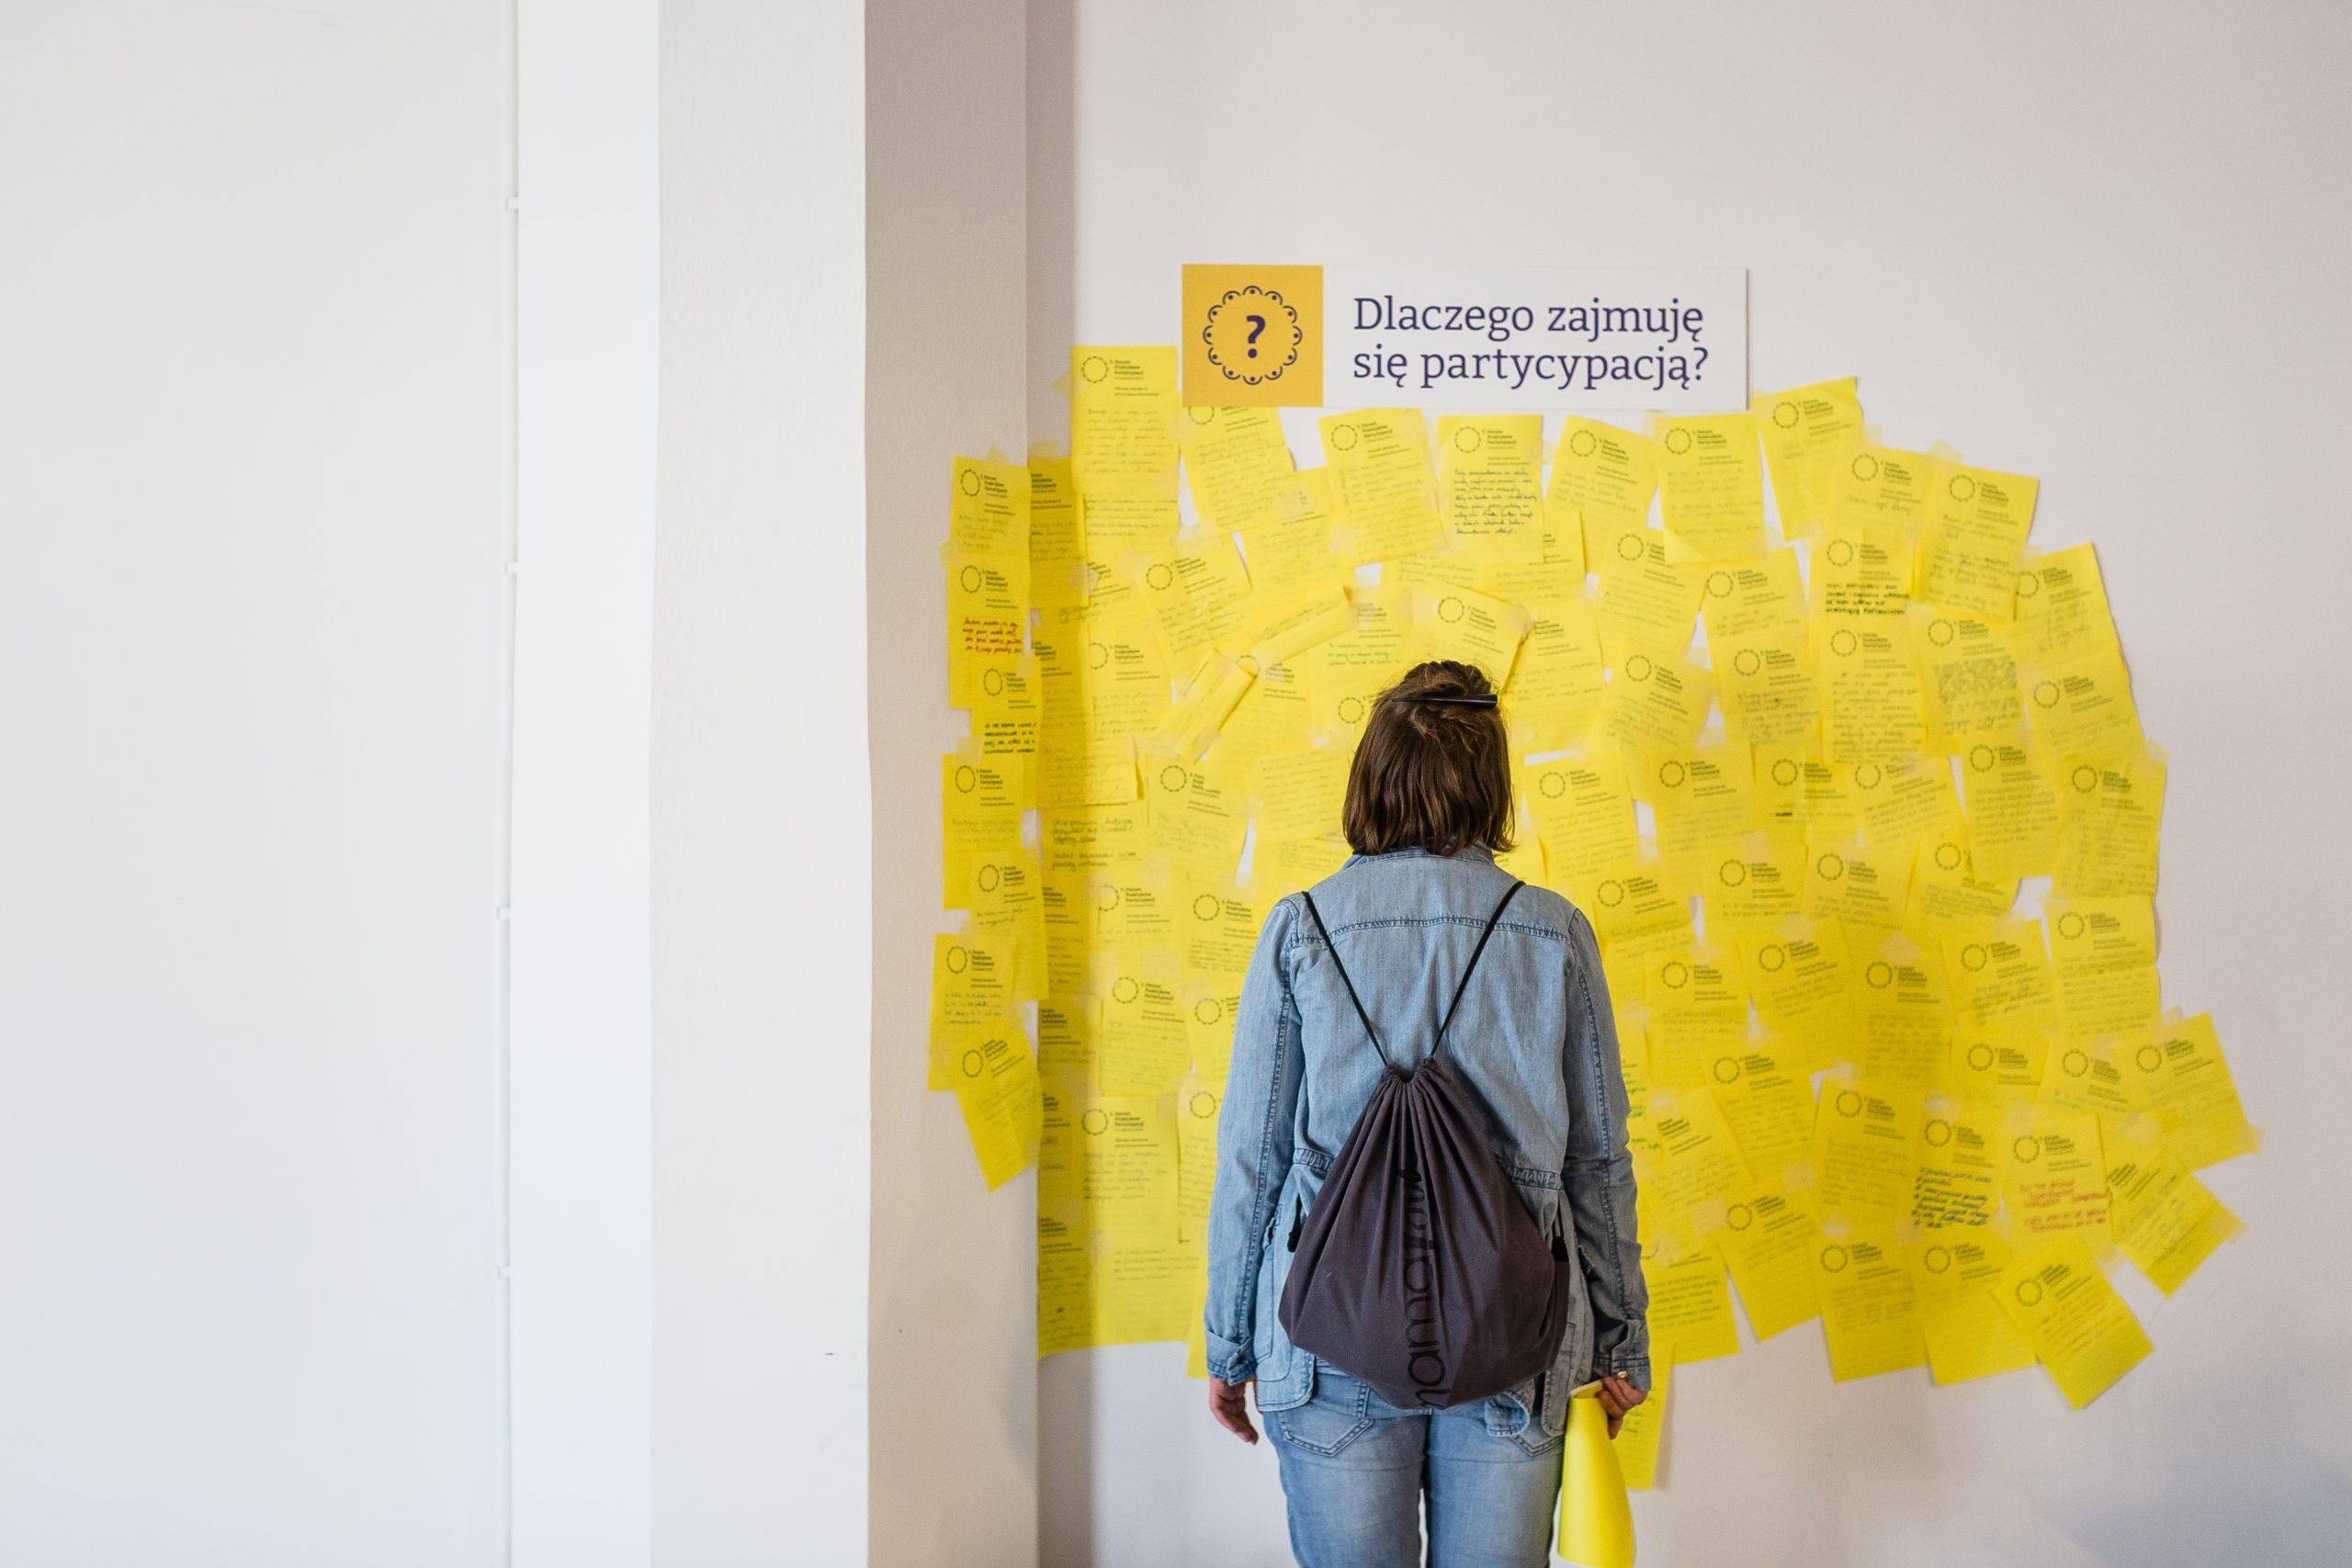 """Kobieta stoi przed ścianą, na której wisi tabliczka z pytaniem """"Dlaczego zajmuję się partycypacją? i samoprzylepne karteczki z różnymi odpowiedziami na nie"""